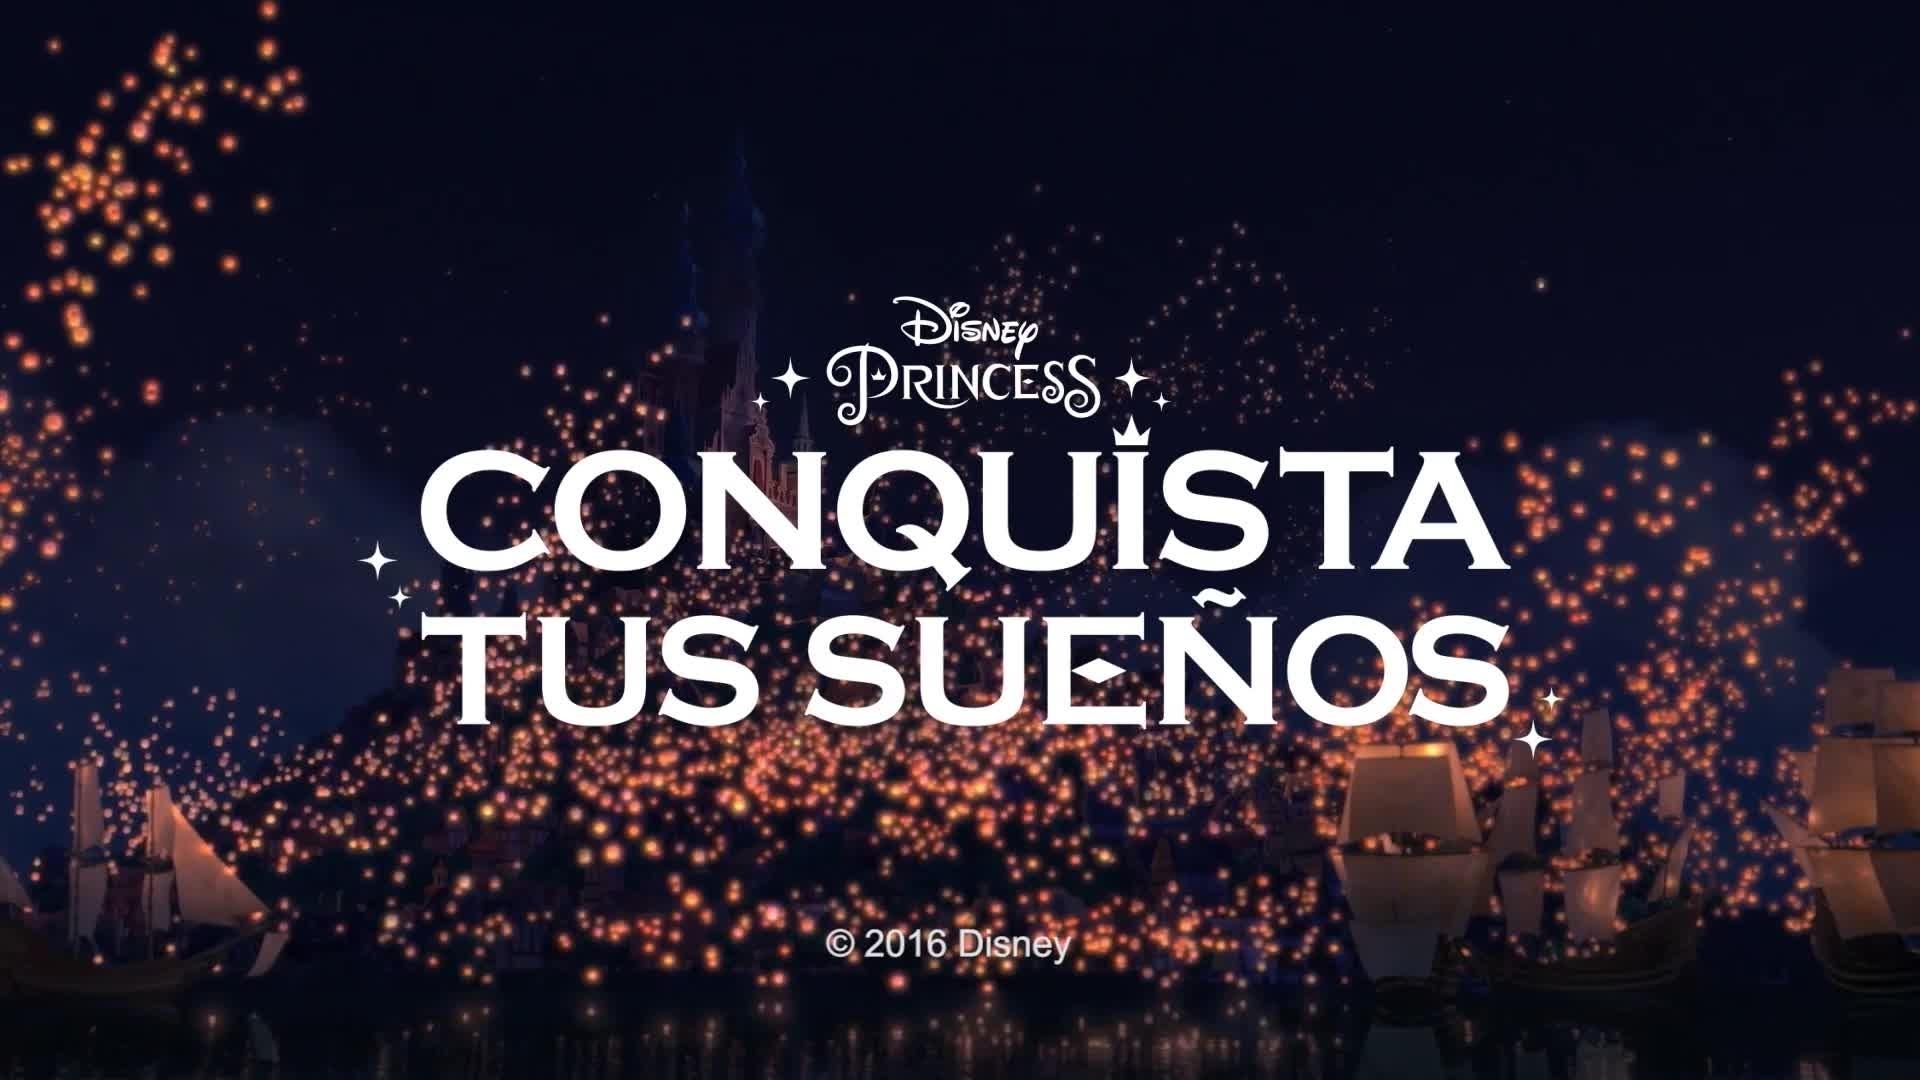 Conquista tus sueños - I Dream